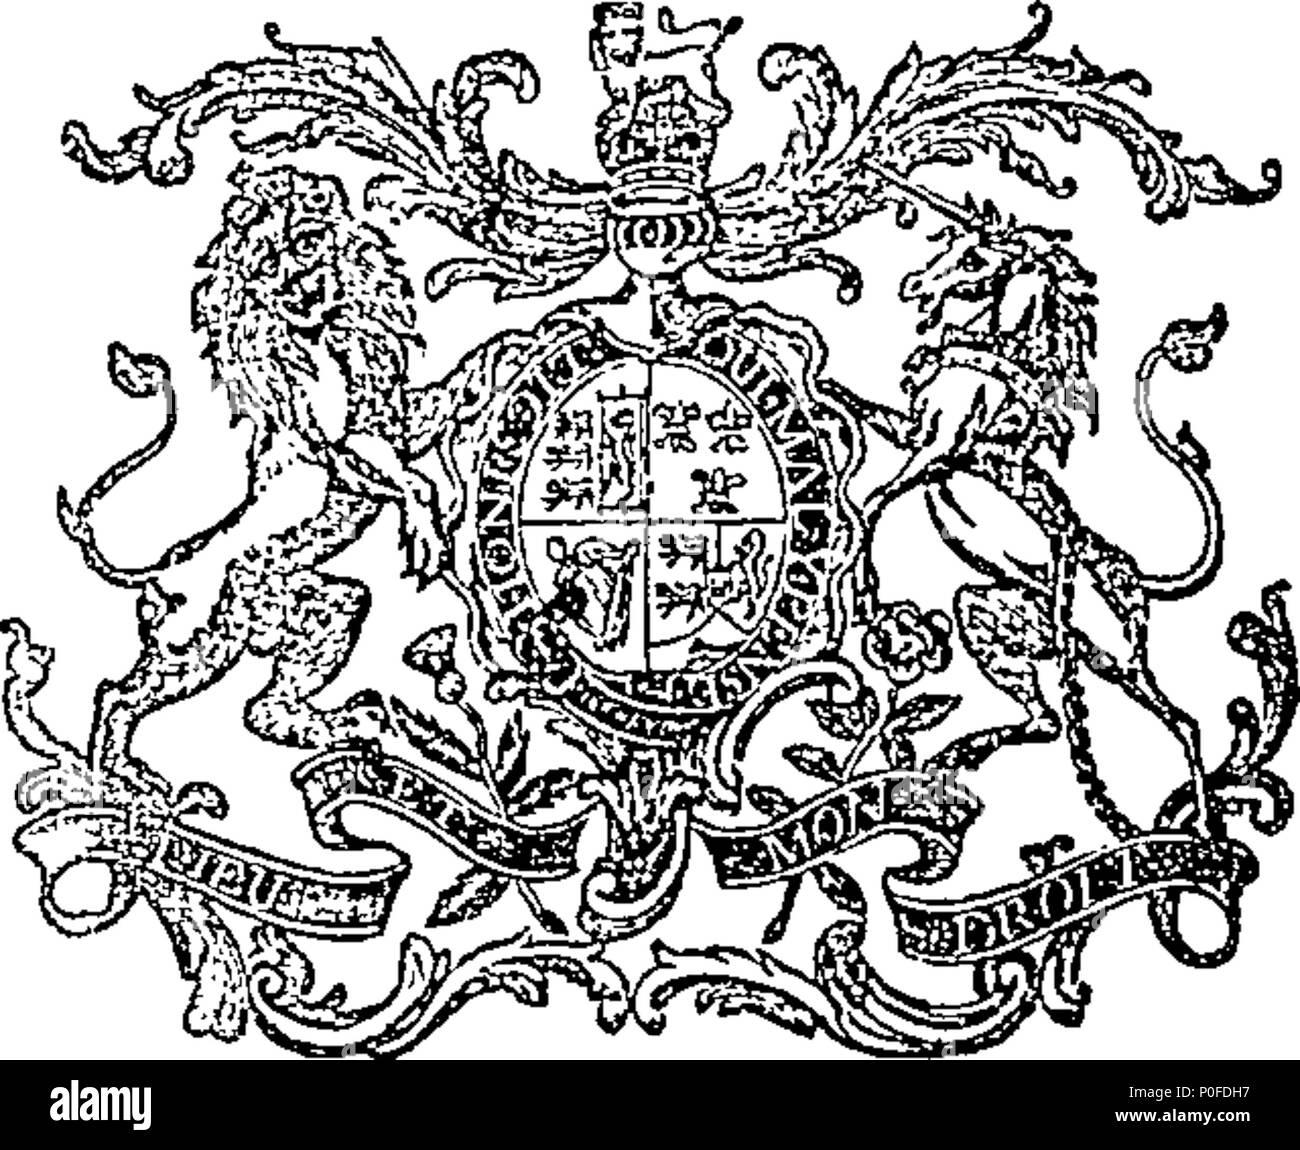 . Englisch: Fleuron aus Buch: Gesetze und Satzungen, in einer Sitzung des Parlaments in Dublin, die am 21. Januar begonnen, Anno Domini 1794, in das vierunddreissigste Jahr der Herrschaft unseres gnädigen Herrn, Herrn König Georg der Dritte: Vor seiner Exzellenz John Fane, Earl von Westmorland, Herr Generalleutnant und Gouverneur von Irland. Die 5. Tagung der fünften Parlament, in der Regierungszeit von Seiner Majestät. 260 Gesetze und Satzungen Fleuron T 127038-36 Stockfoto